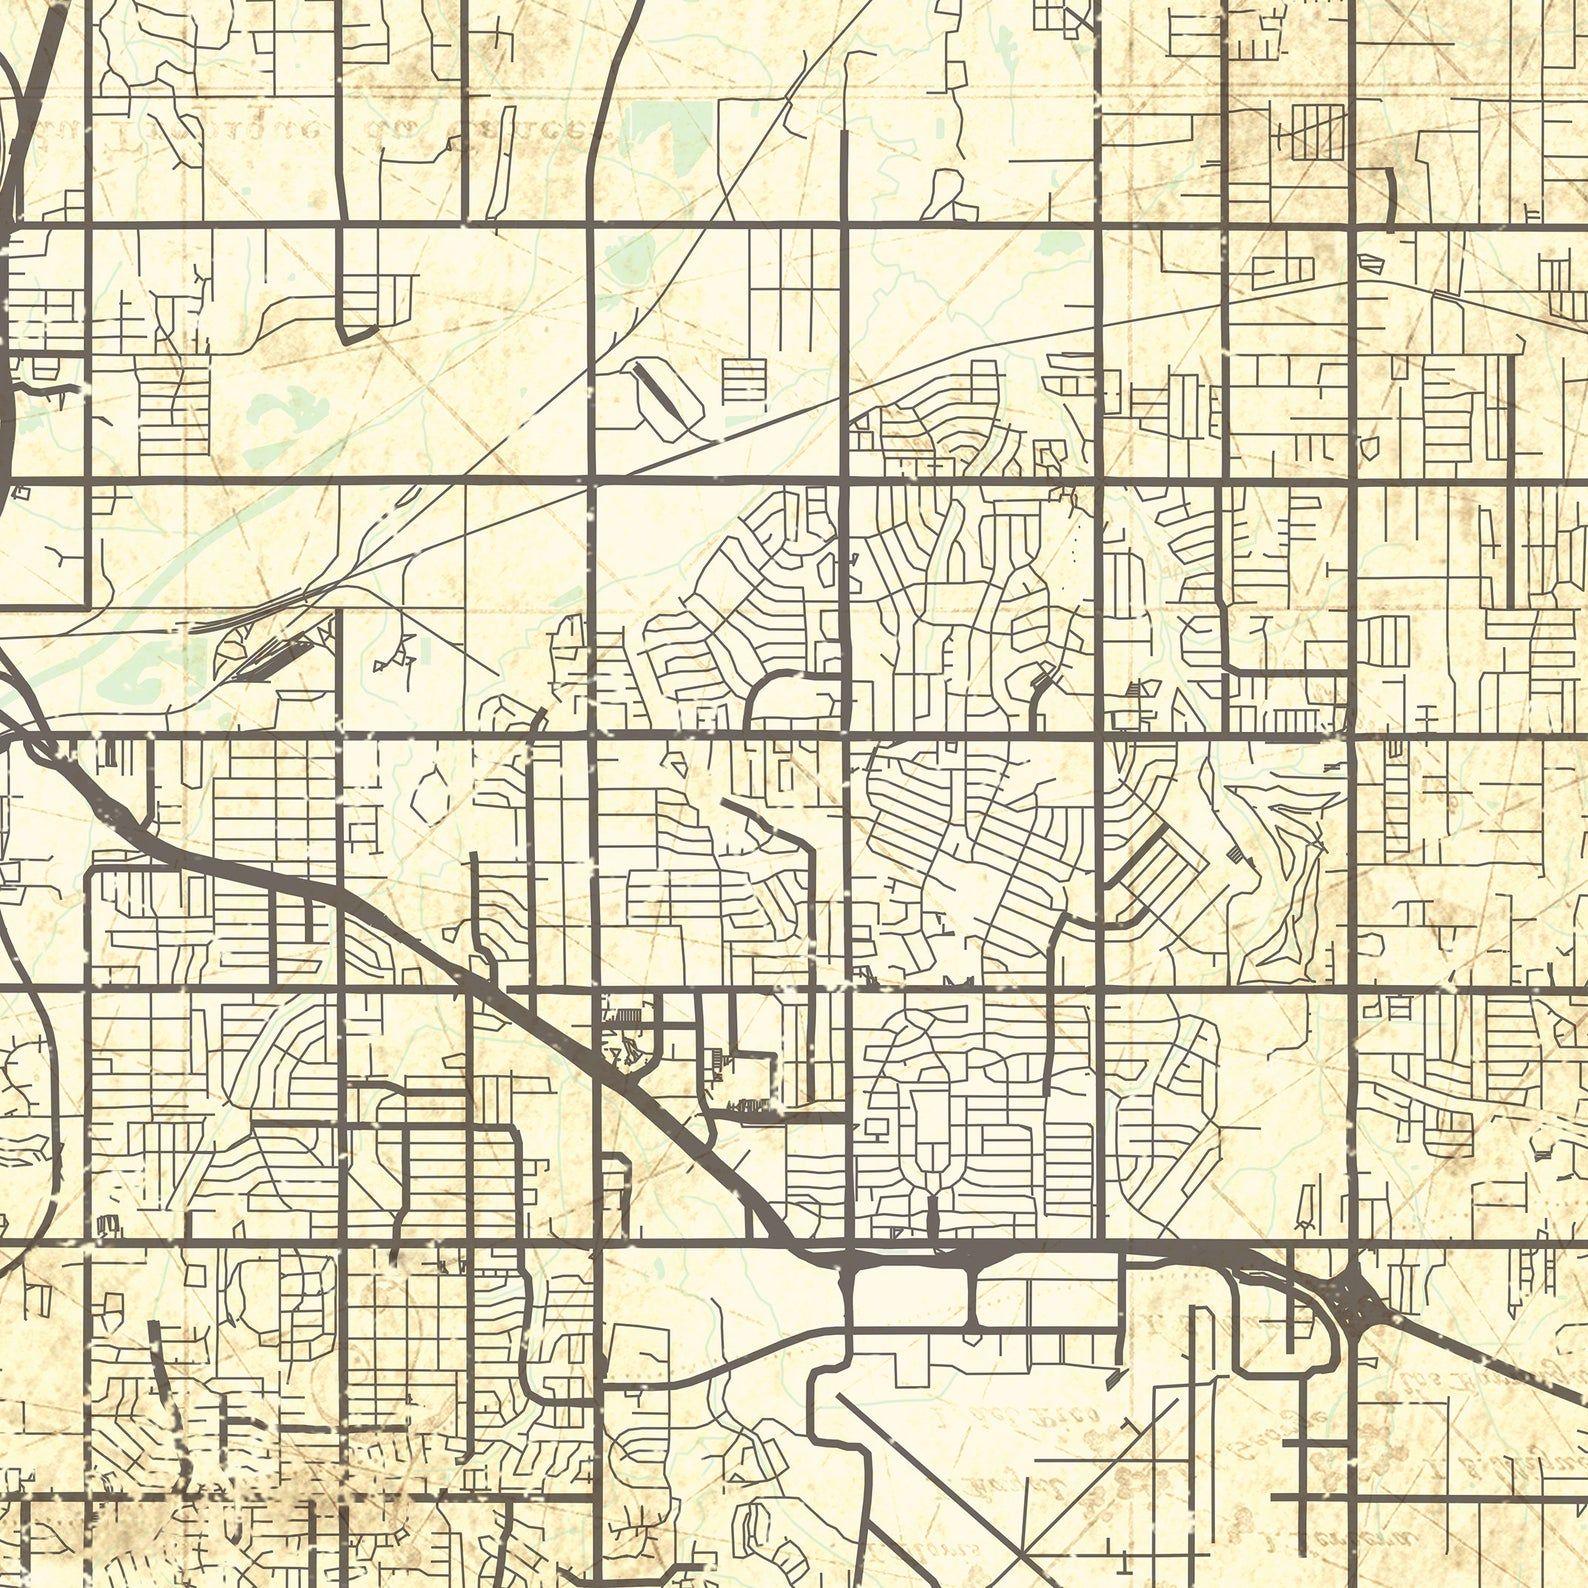 Midwest City Ok Canvas Print Oklahoma Vintage Map Wall Art Etsy In 2020 Map Wall Art Canvas Prints Vintage Map